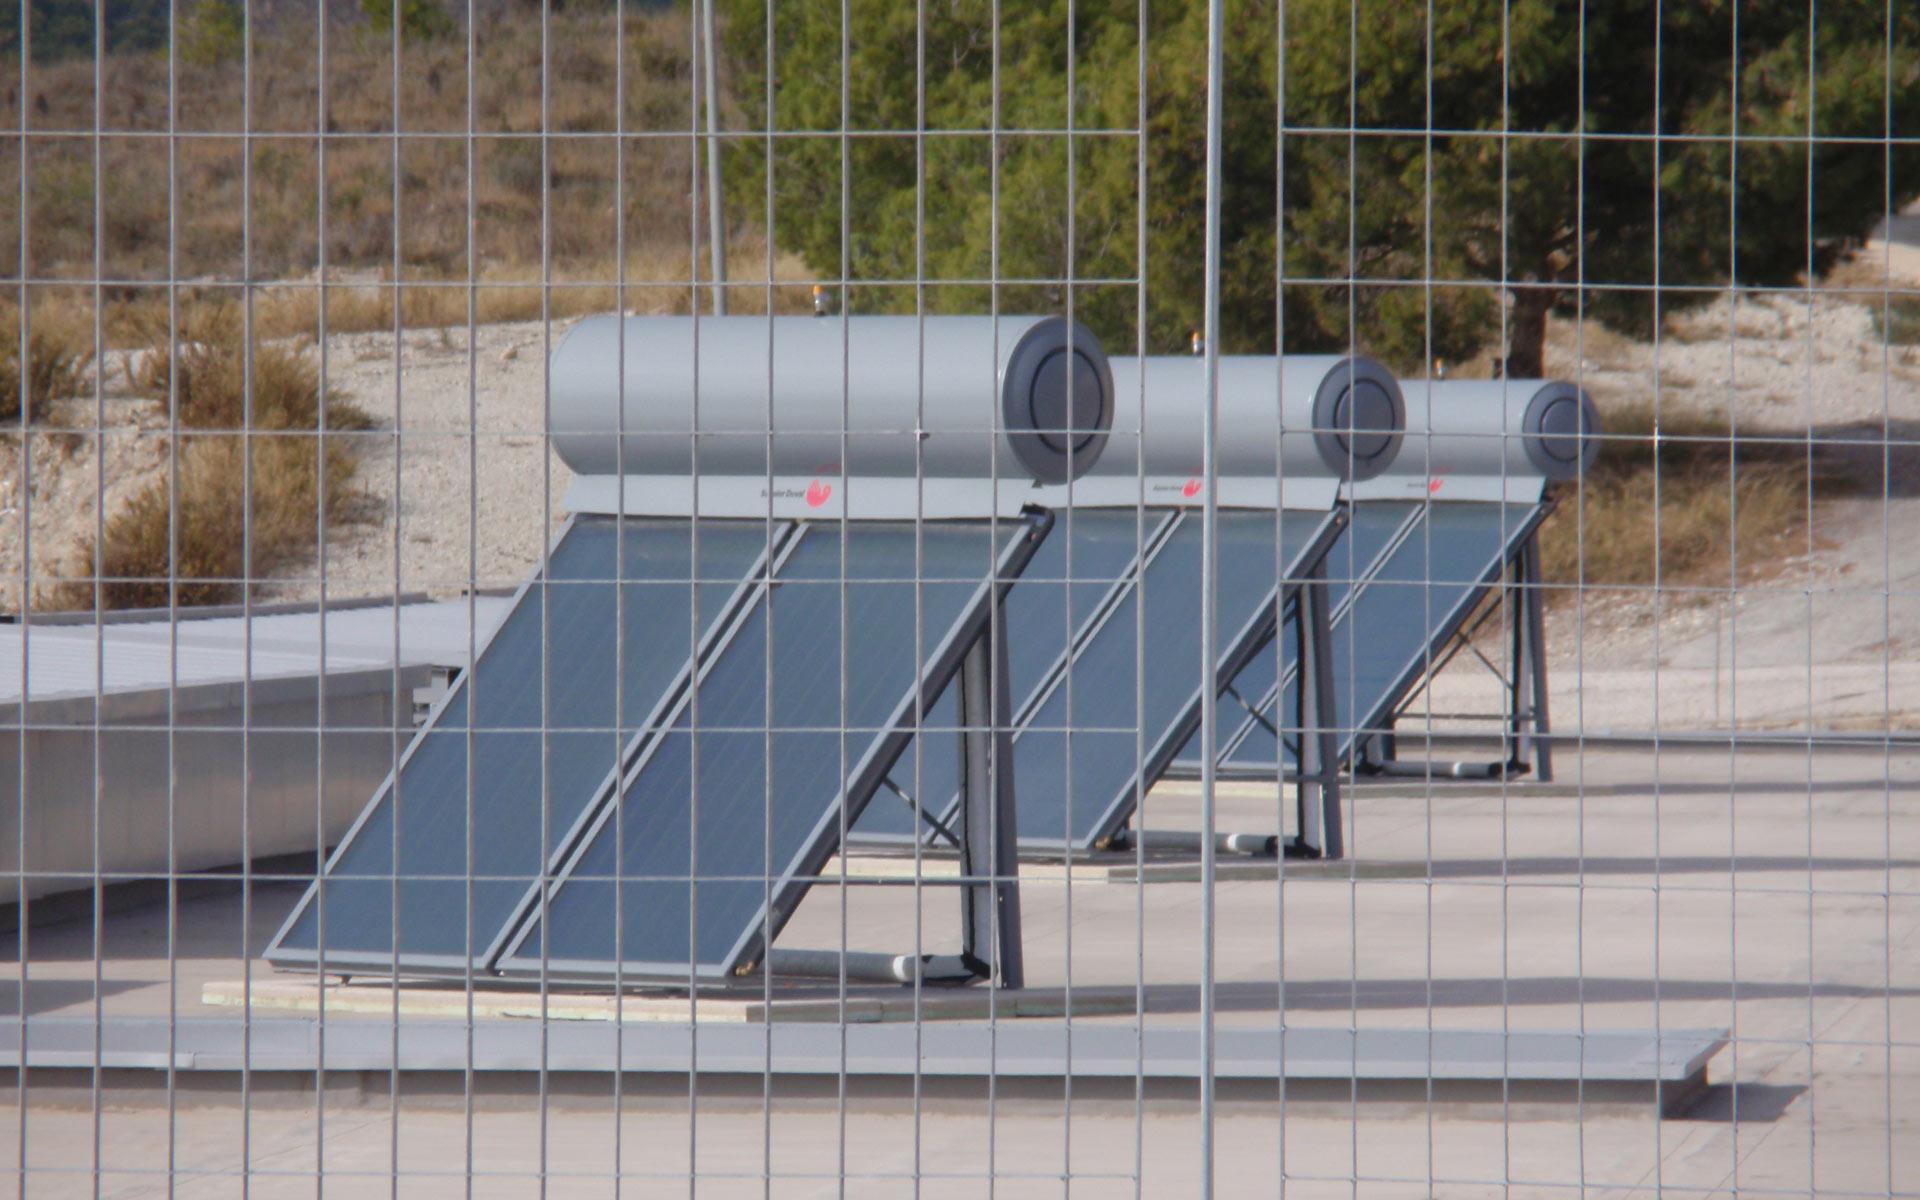 abatec-instalaciones-obras-realizadas-ceip-finestrat-solar-termico-01